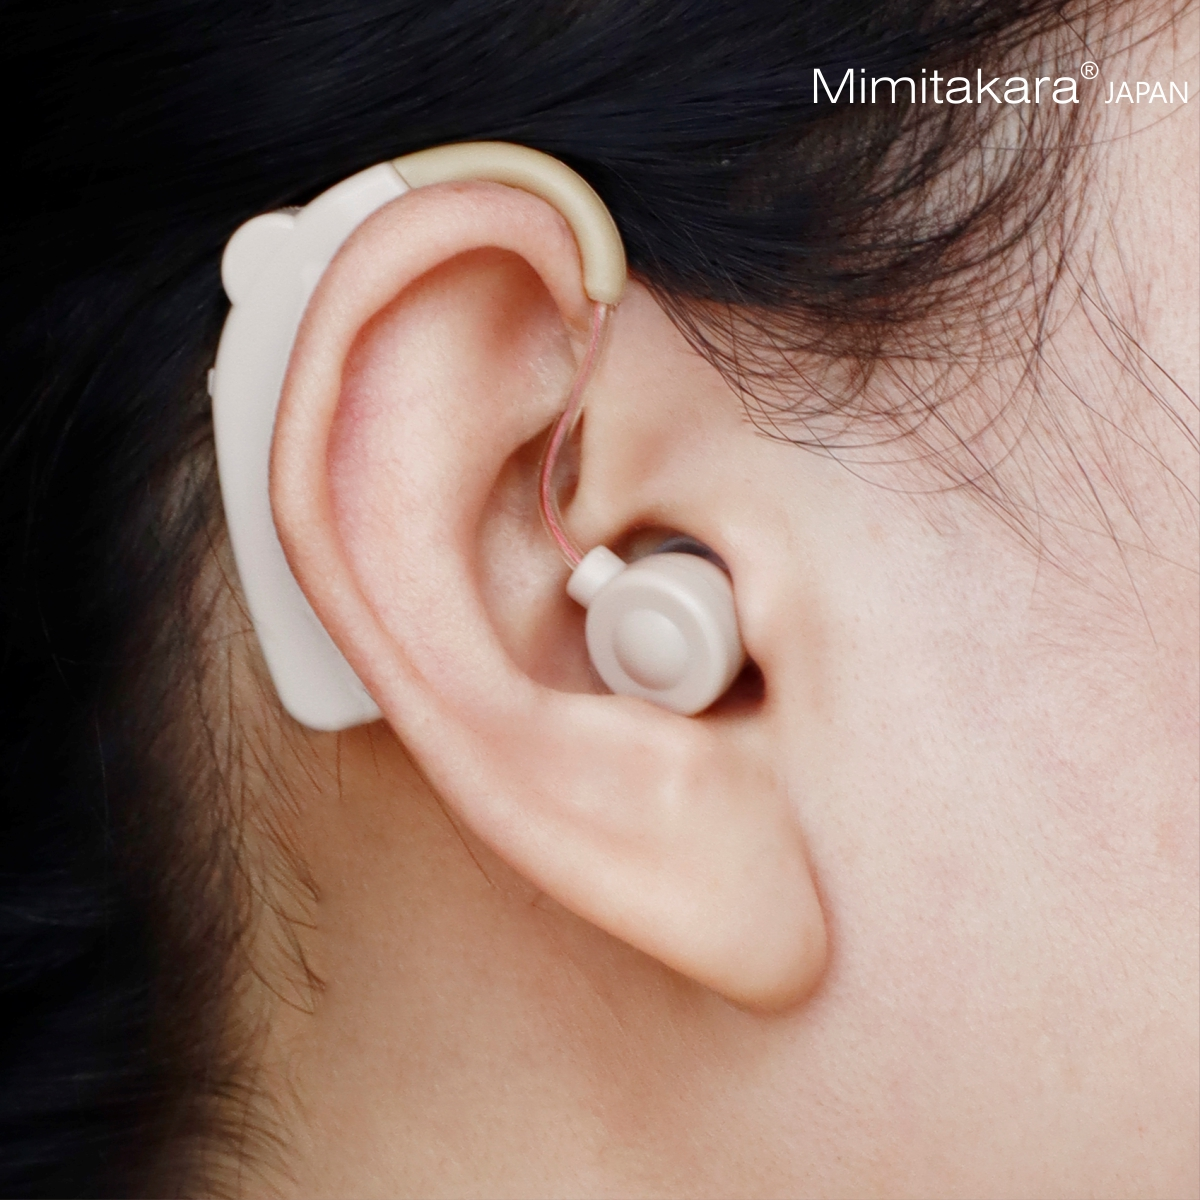 Máy trợ thính vành tai, hộp sạc di động Mimitakara (JAPAN) UP-6EKX